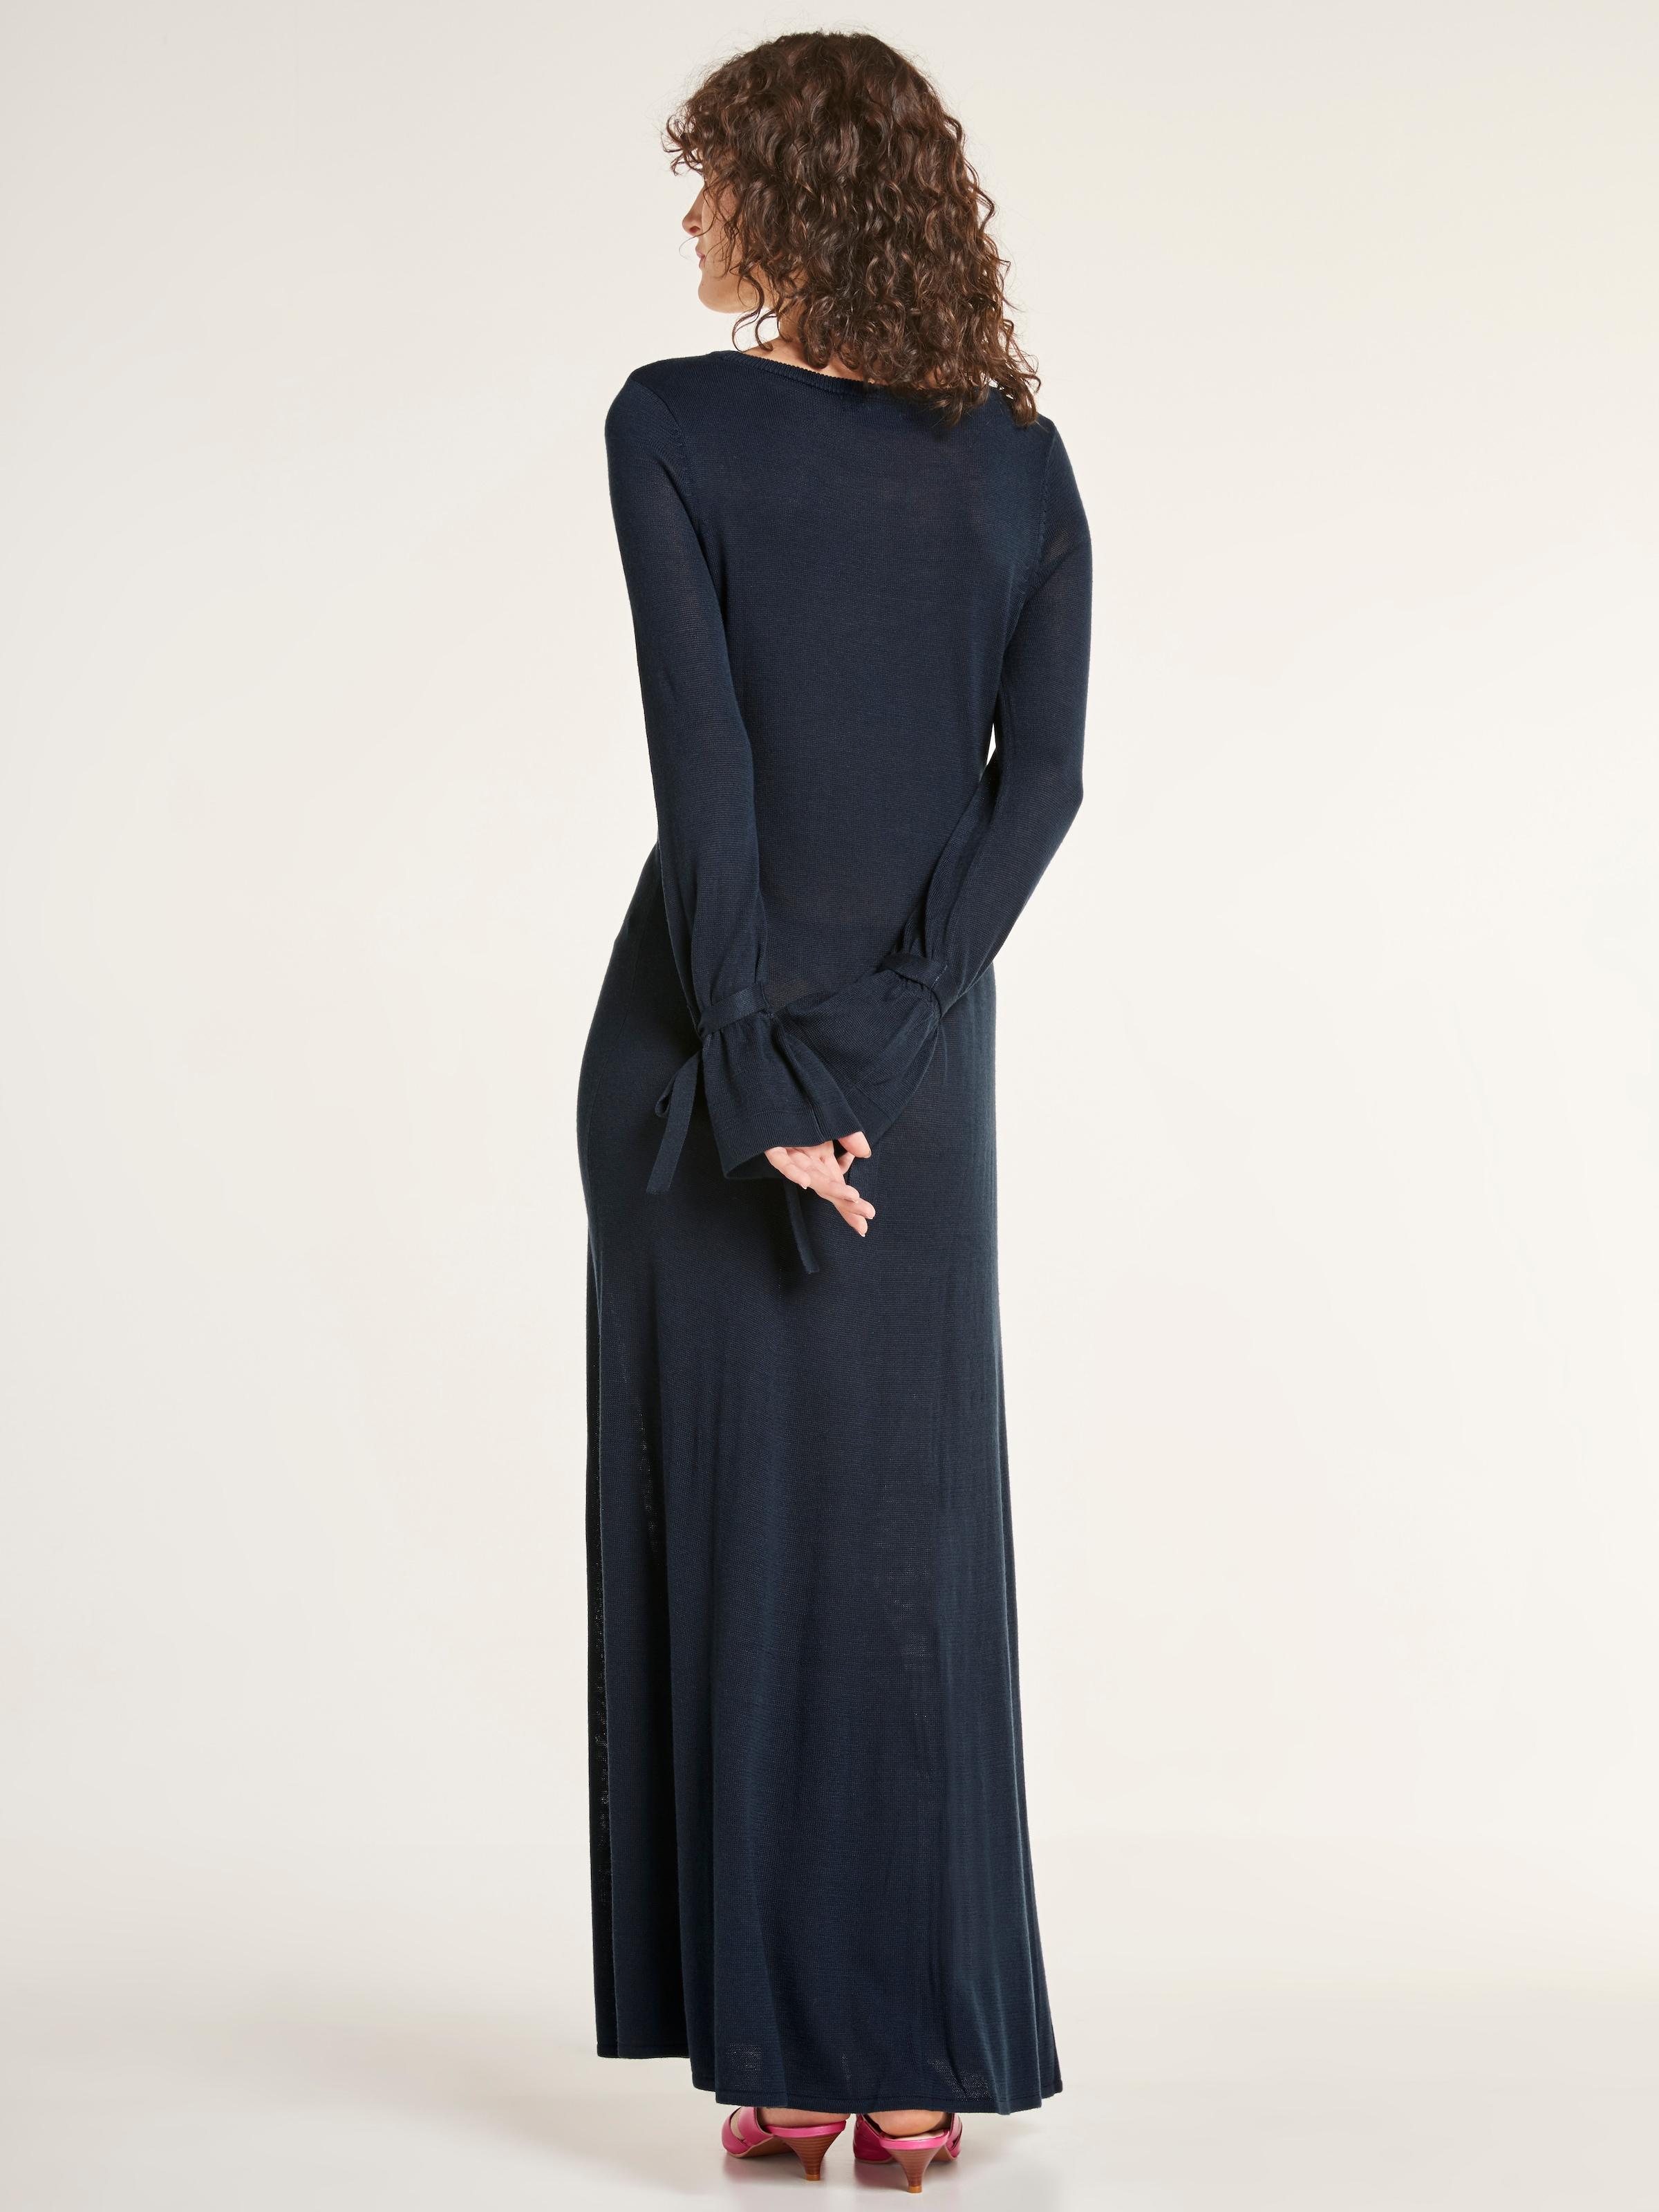 In Kleid 'strickkleid' Kleid In Heine Dunkelblau Heine 'strickkleid' 'strickkleid' Kleid Dunkelblau Heine In JTcl13FK